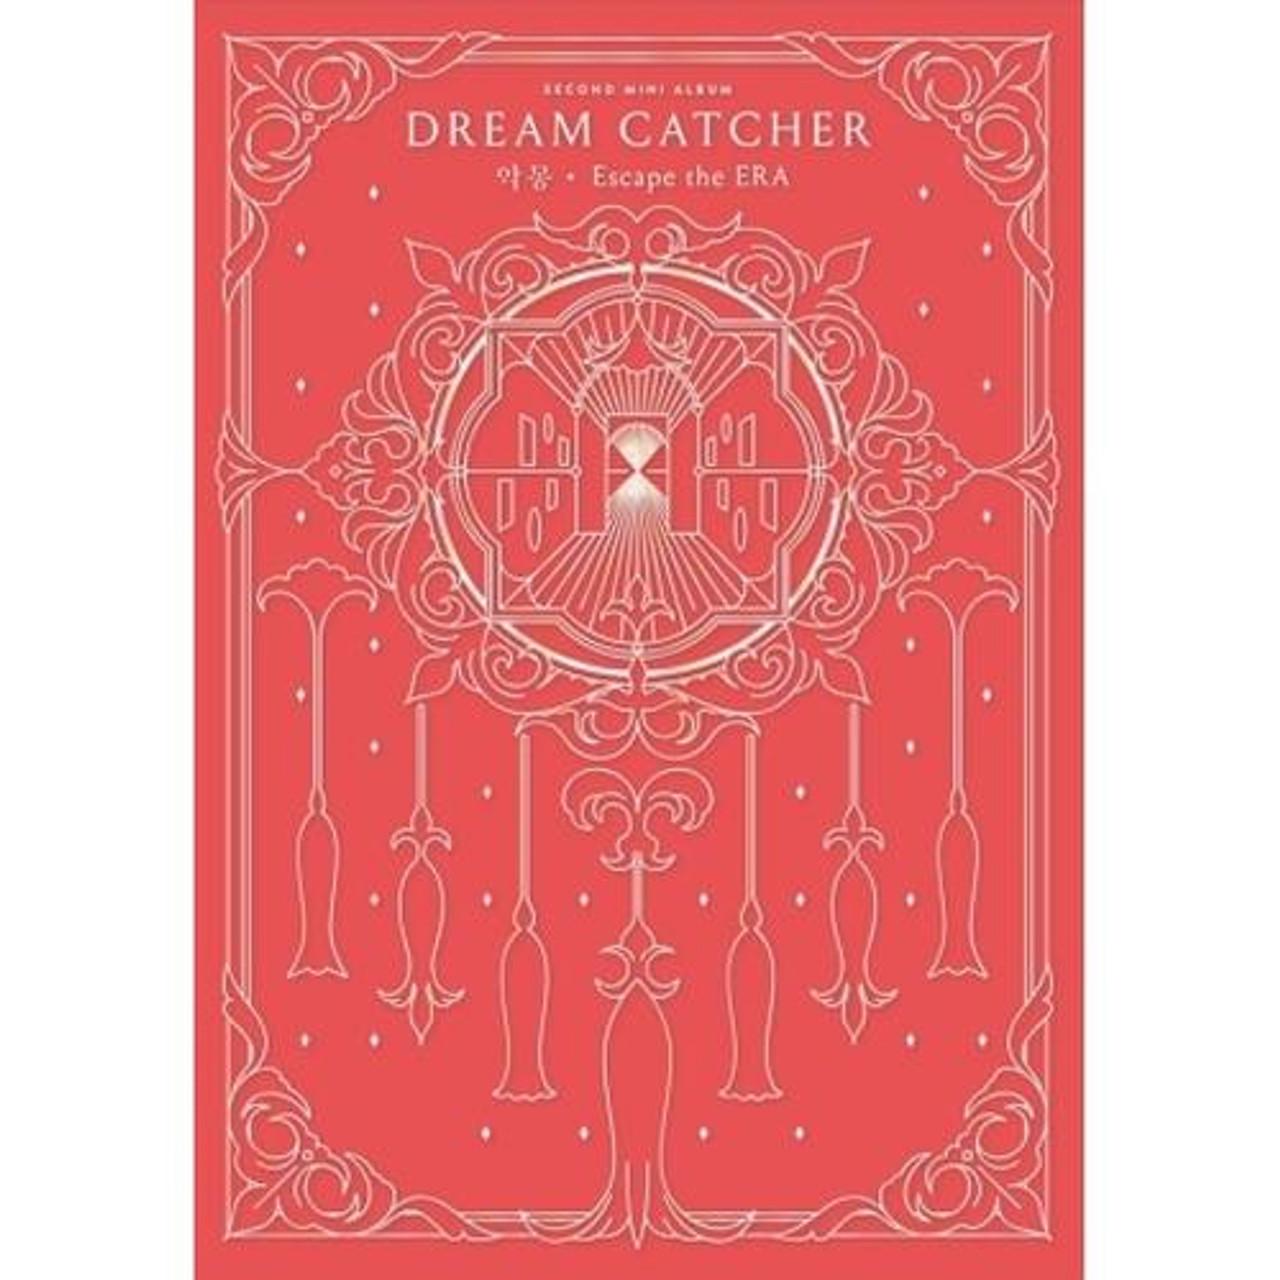 DREAM CATCHER - 2nd Mini [ESCAPE THE ERA] (A:Inside/B:Outside ver.)